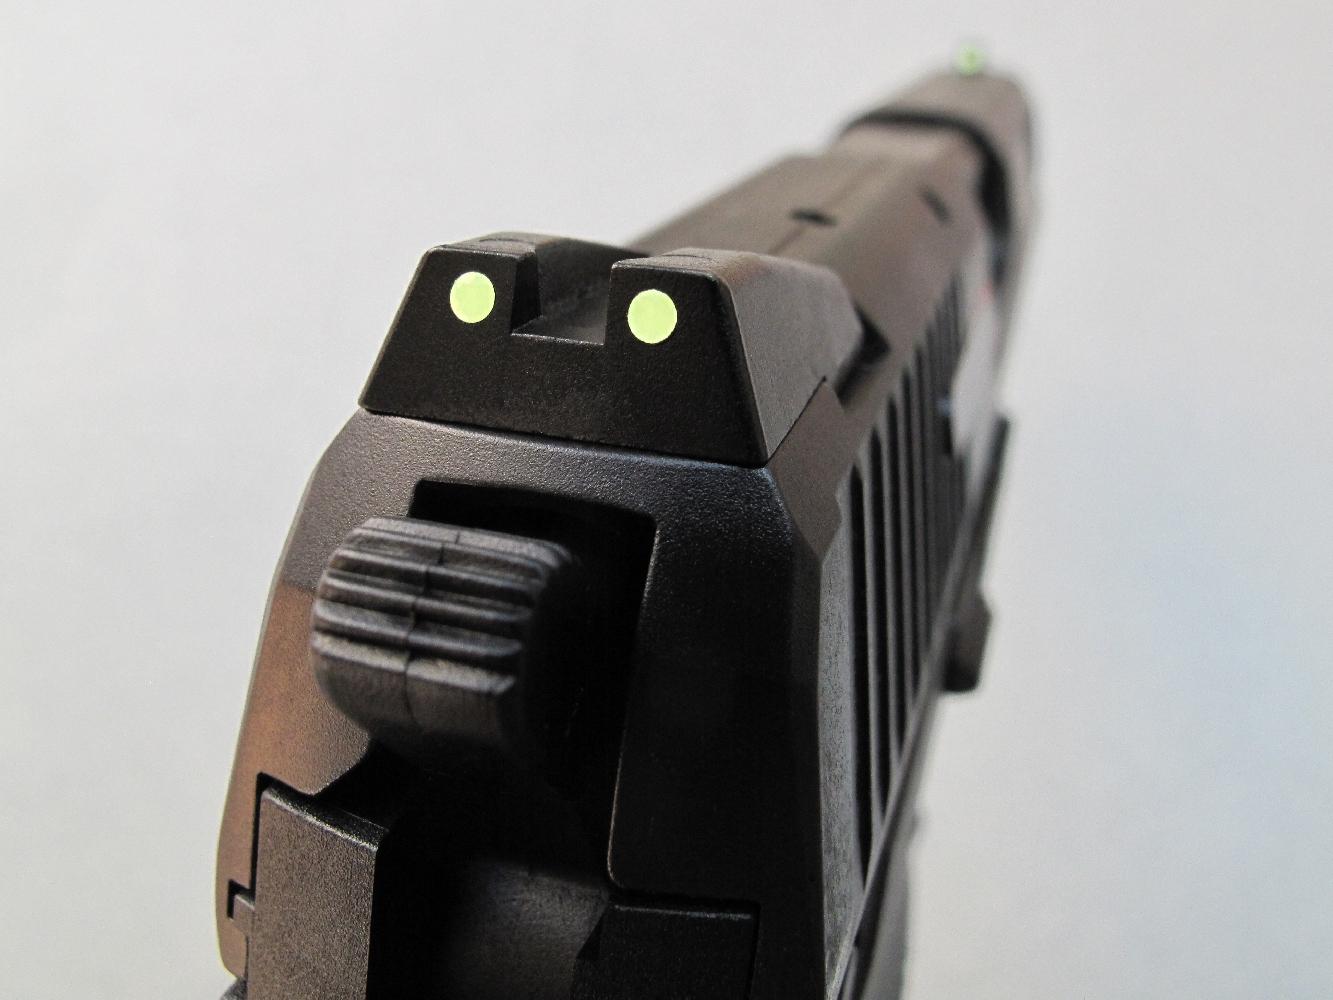 Les éléments de visée reçoivent des inserts photo luminescents permettant une prise de visée nocturne par alignement de trois points.